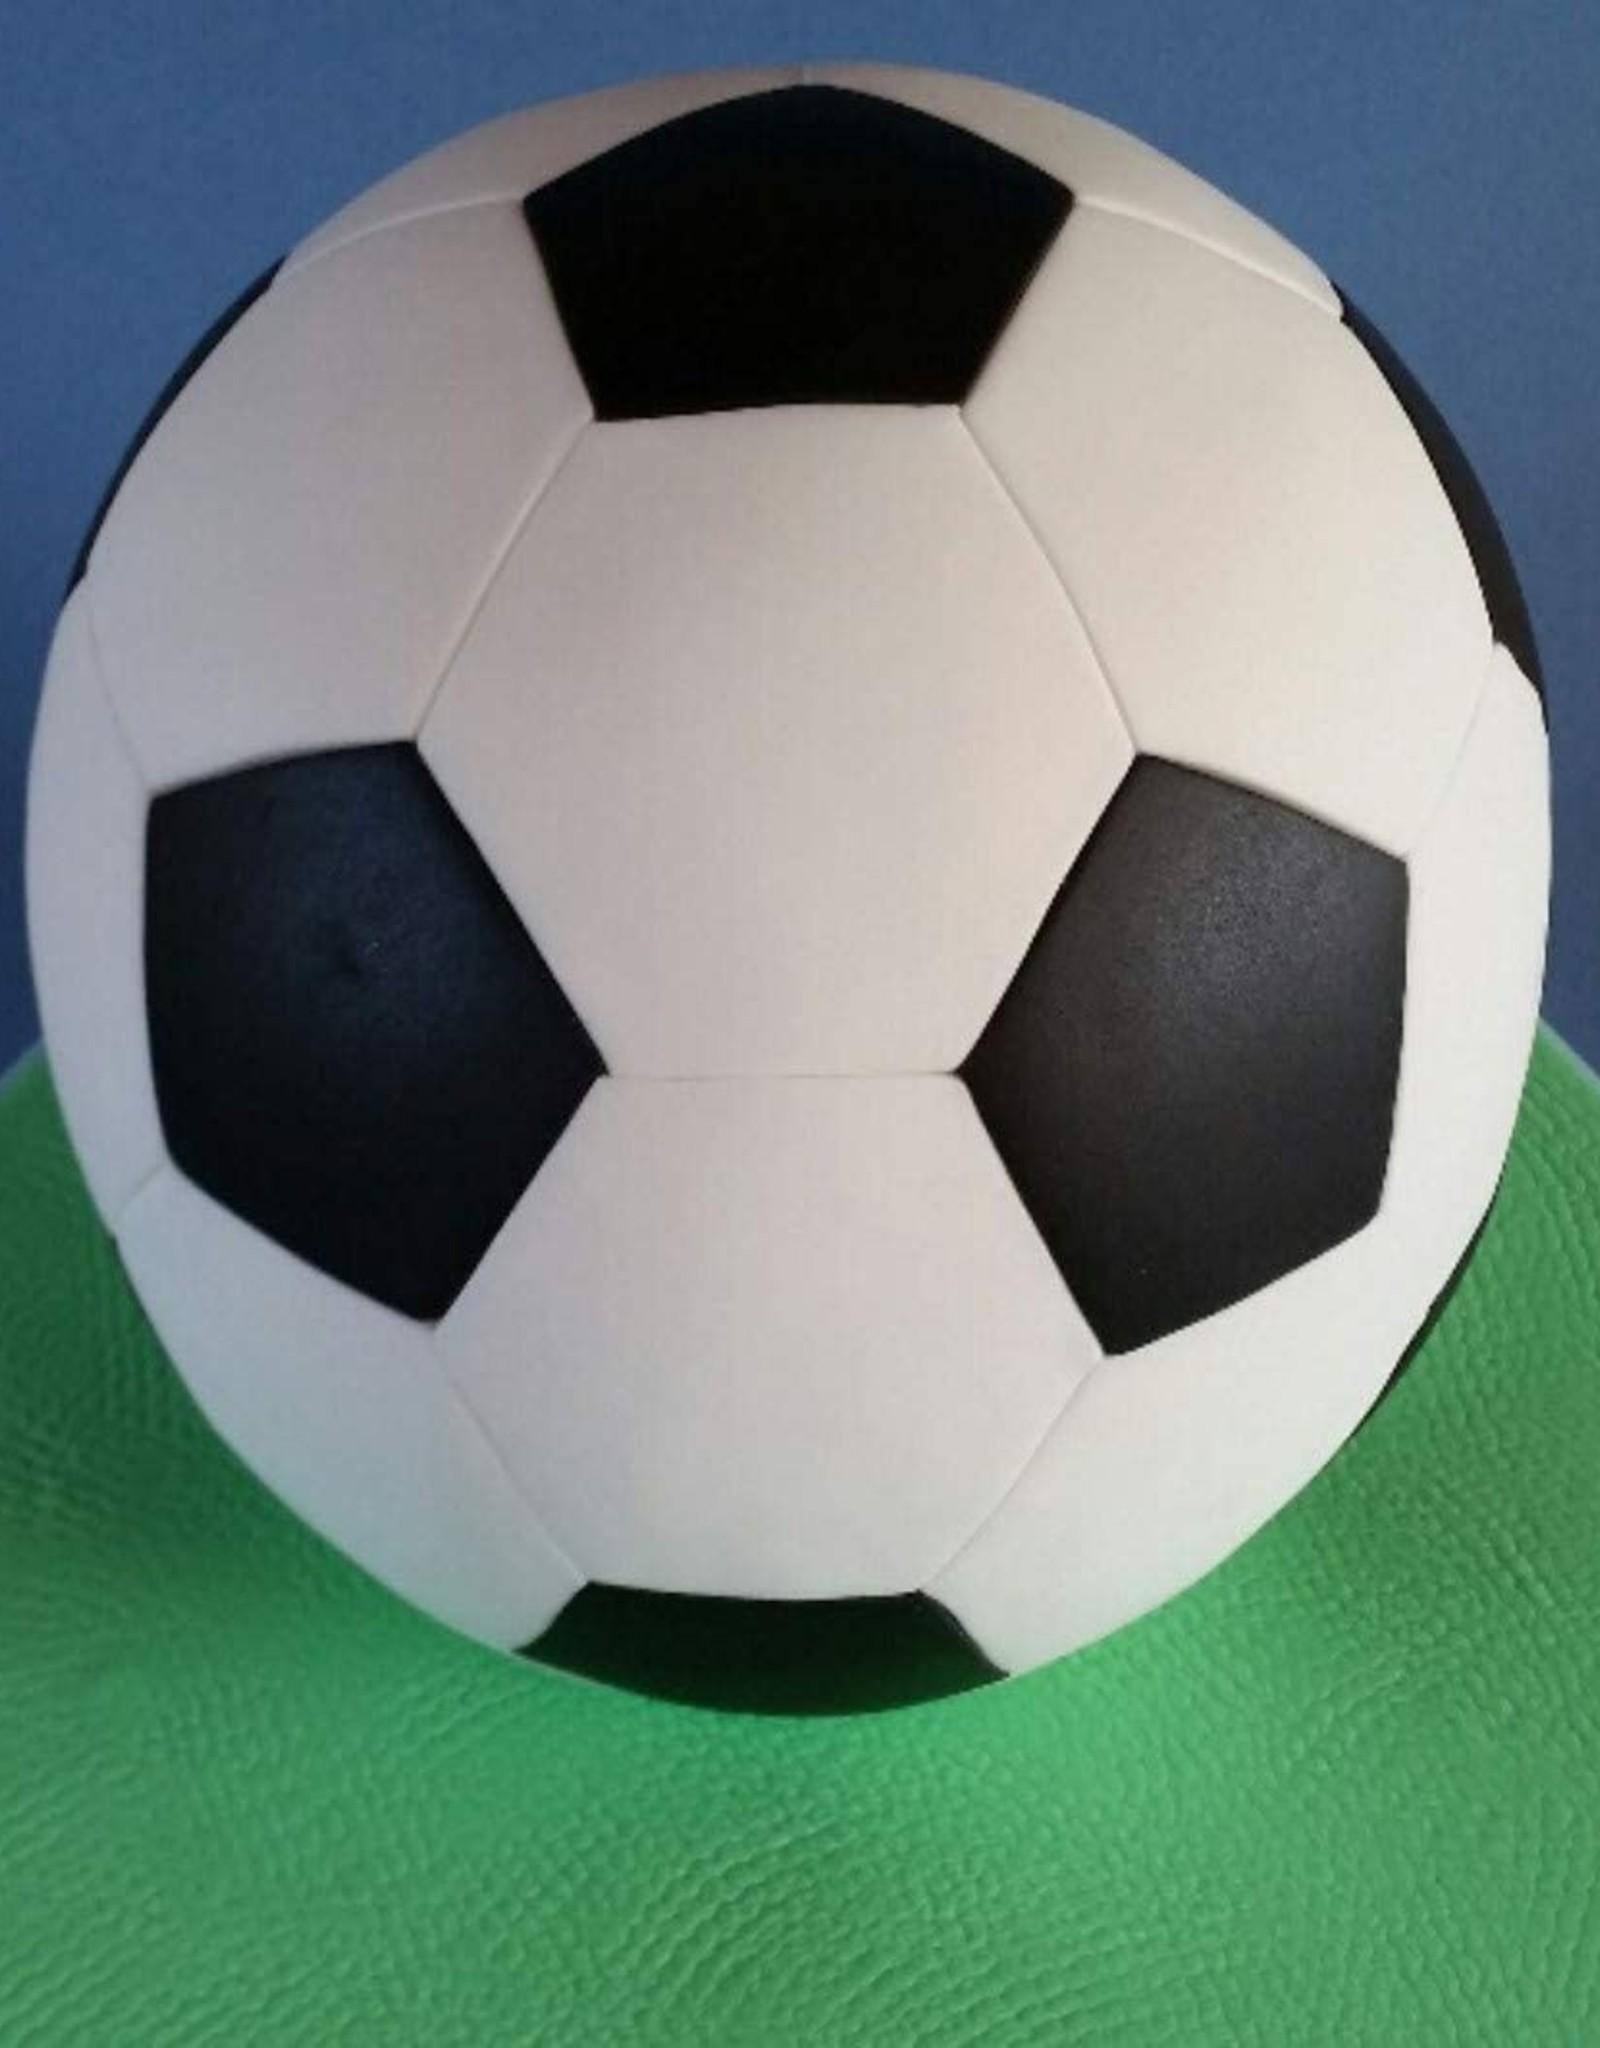 Bien Collection Football Cutters (Hexagon & Pentagon)